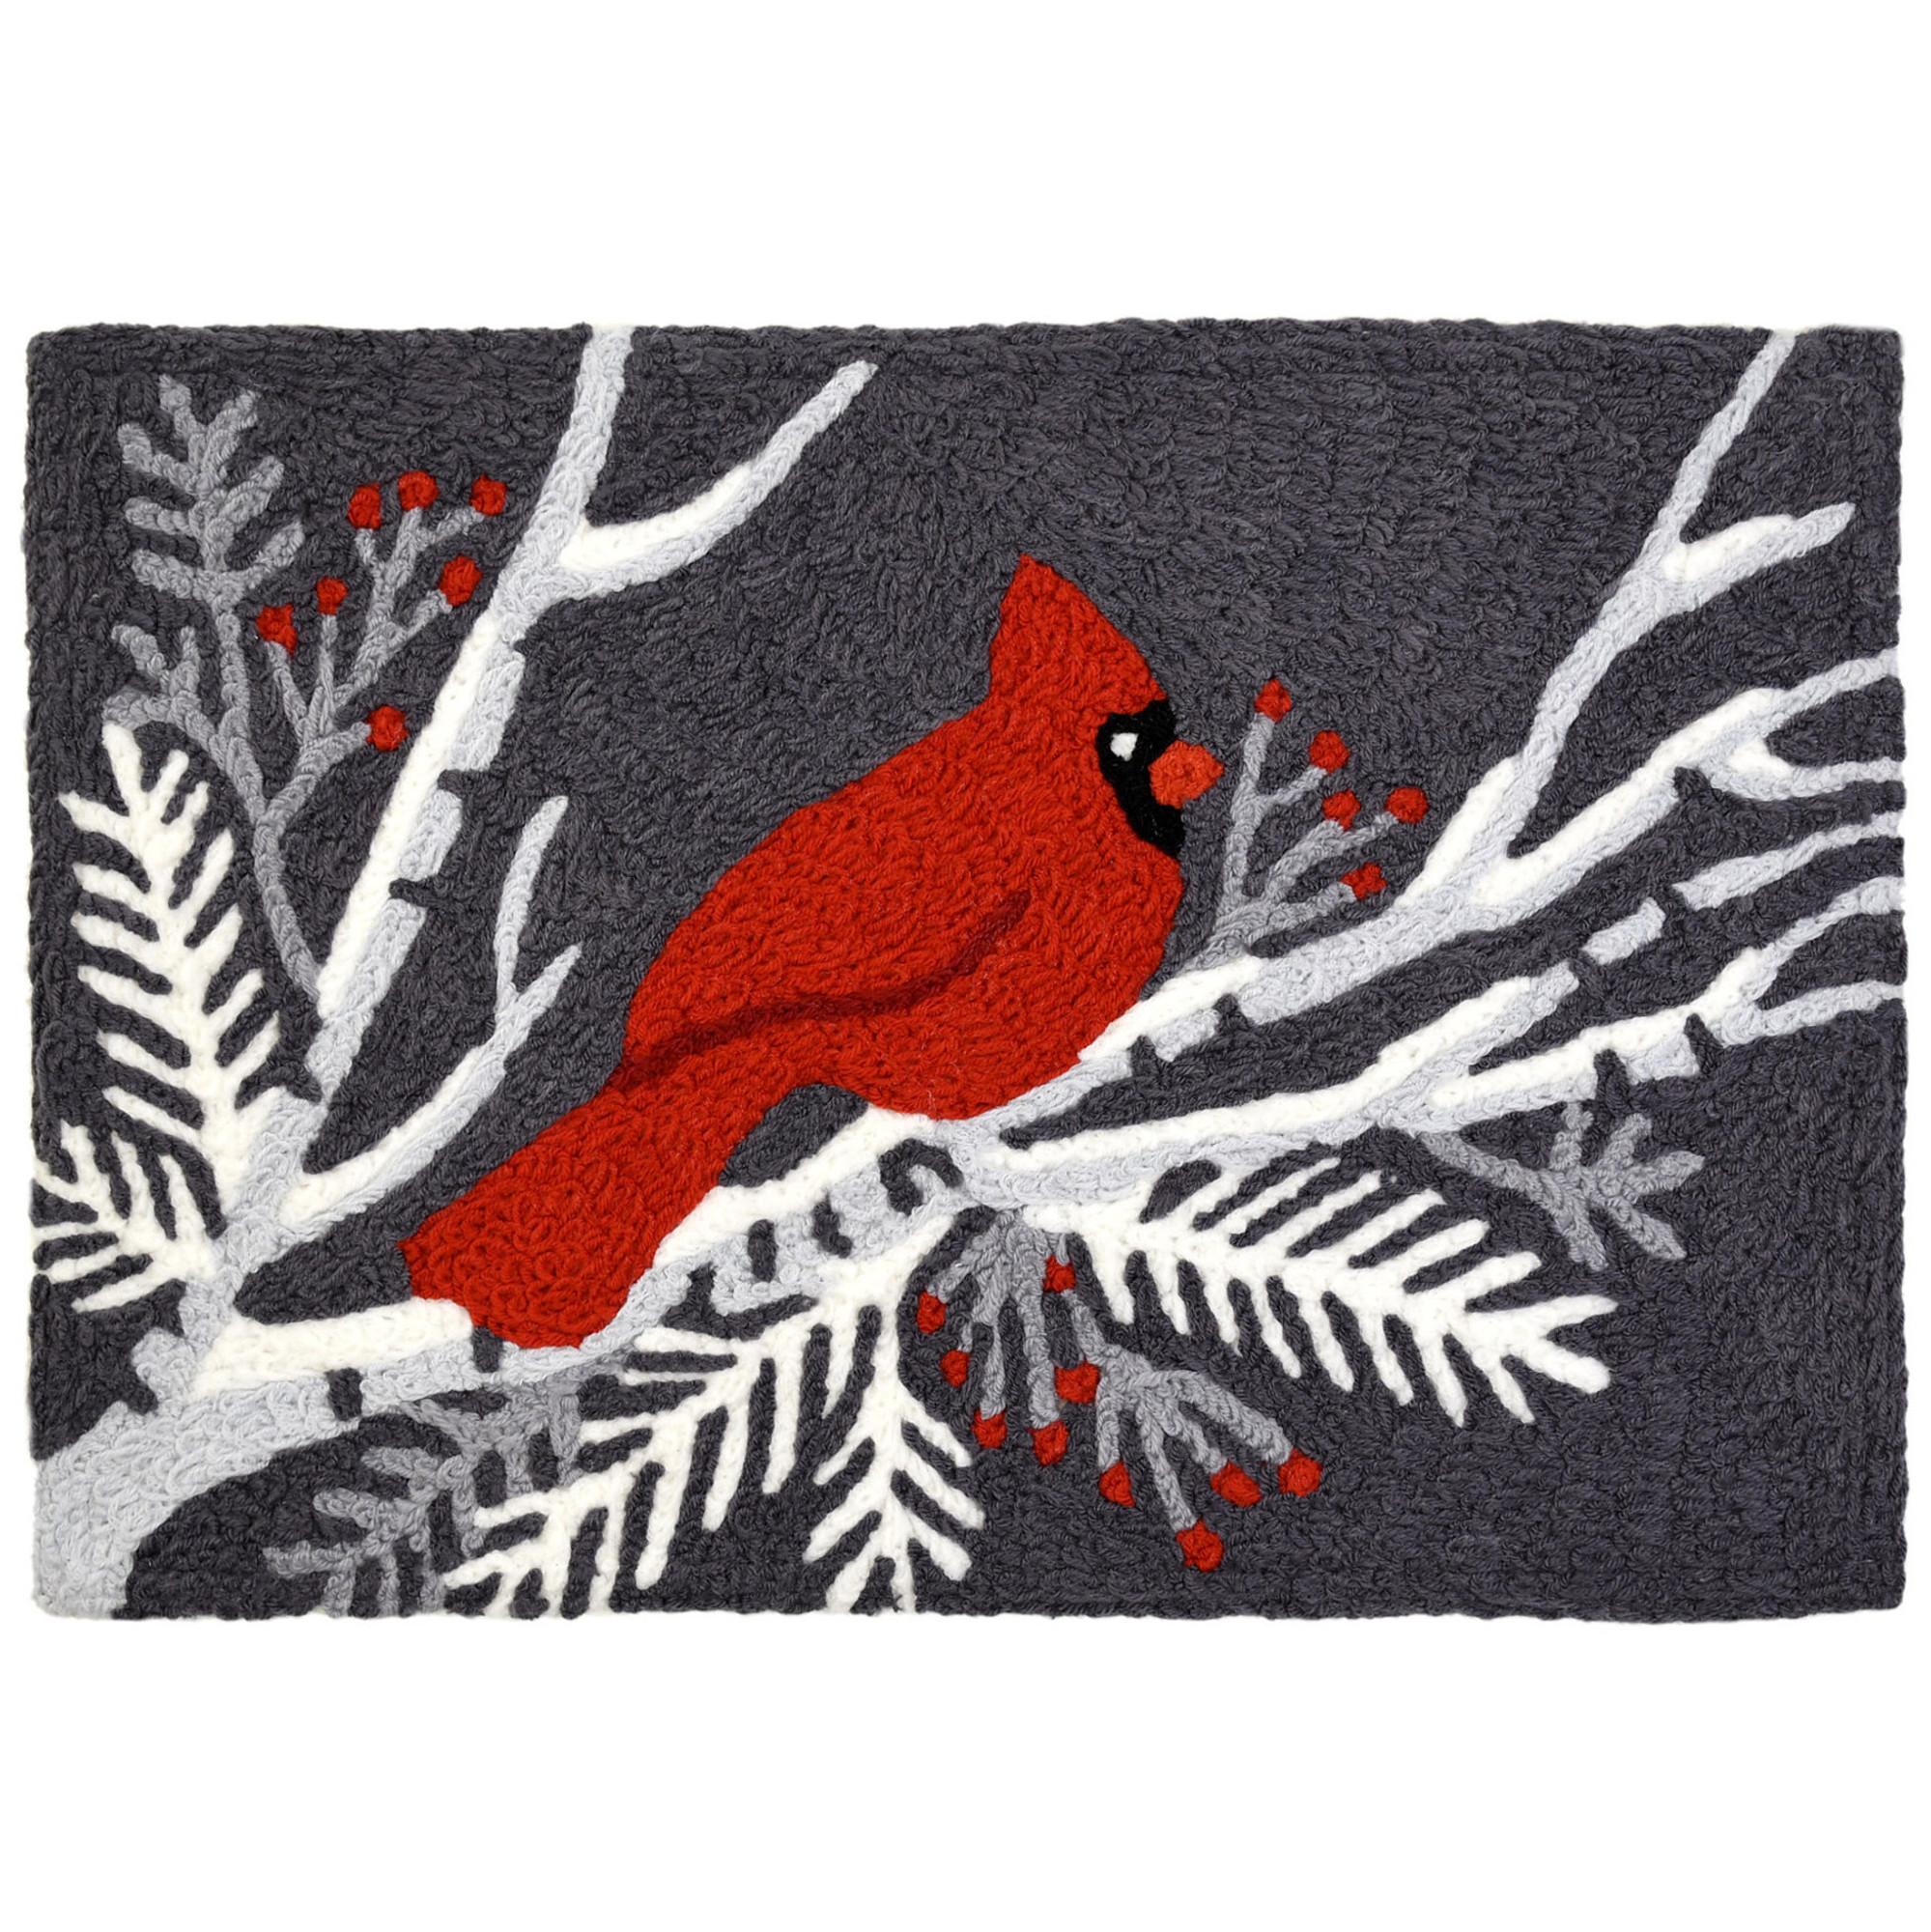 Cardinal on Gray Rug with Cardinal Bird Themed Rug 20 x 30 Jellybean Accent Rug